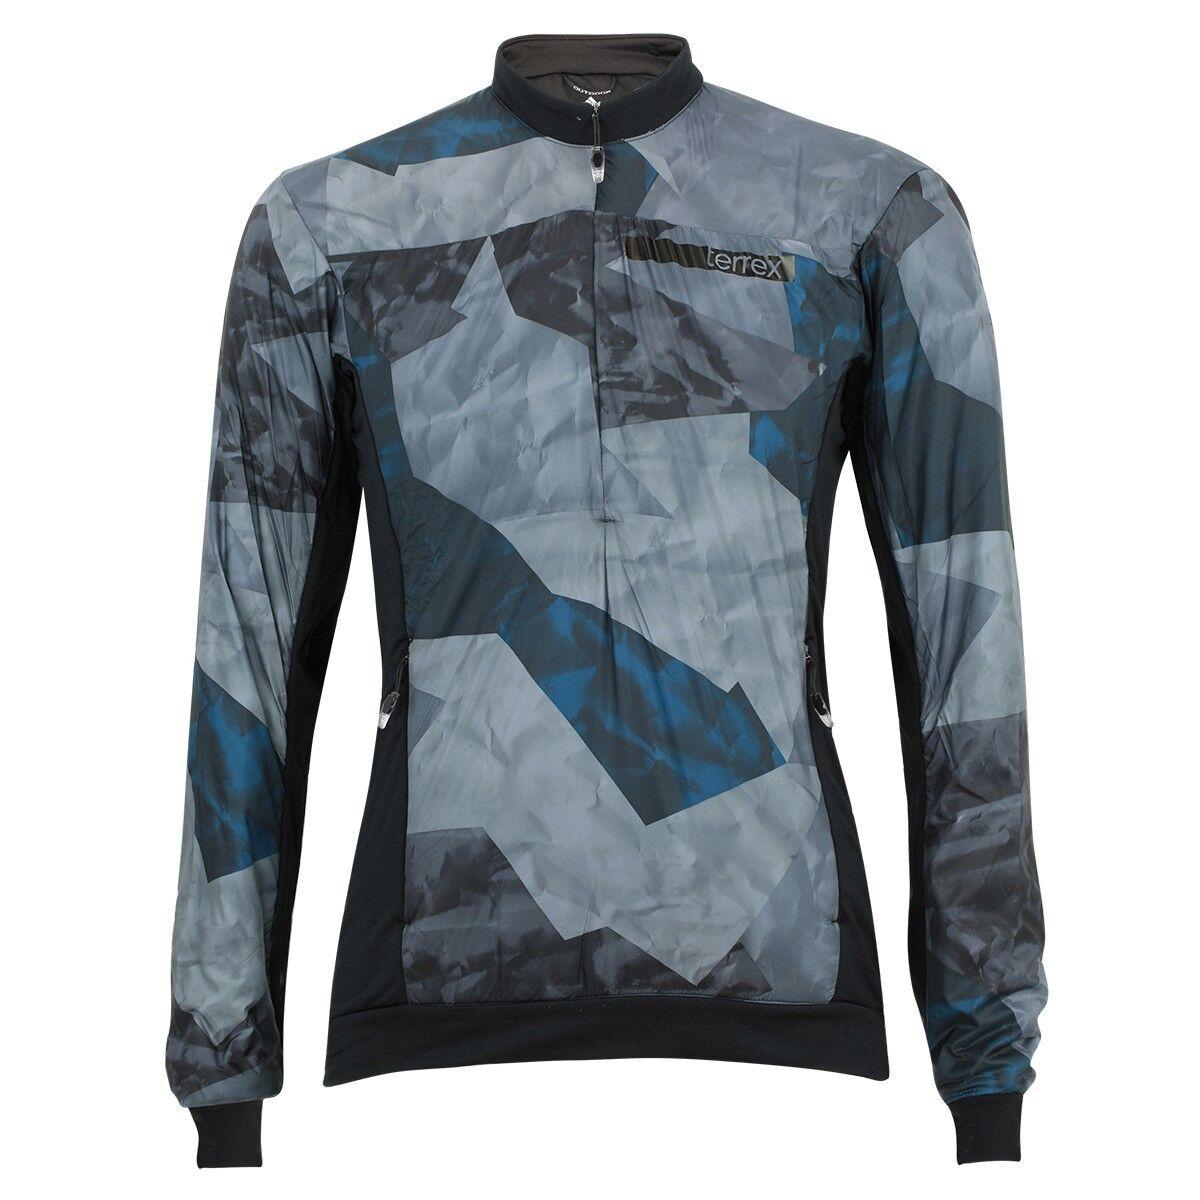 Selección adidas Terrex radical Crew Jacket señores de  ejecución chaqueta senderismo Al aire libre chaqueta  Con precio barato para obtener la mejor marca.